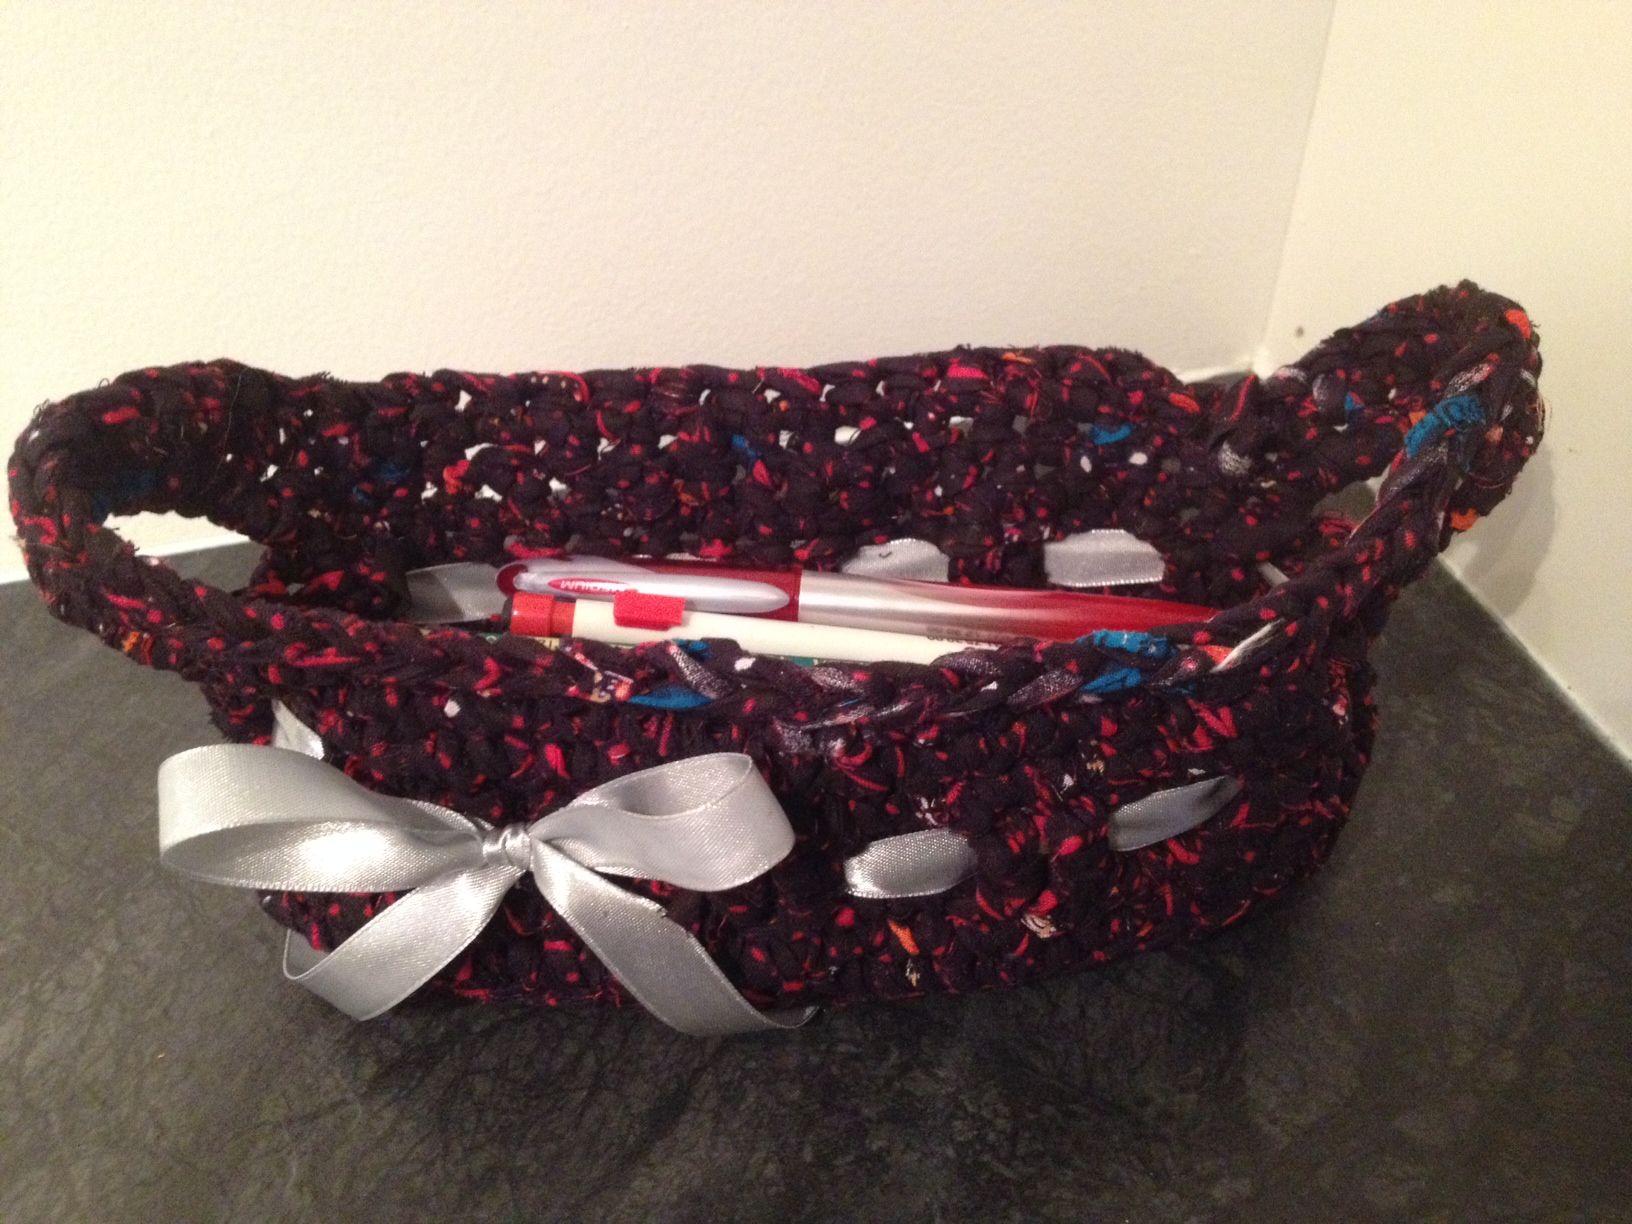 Crochet basket for pens.